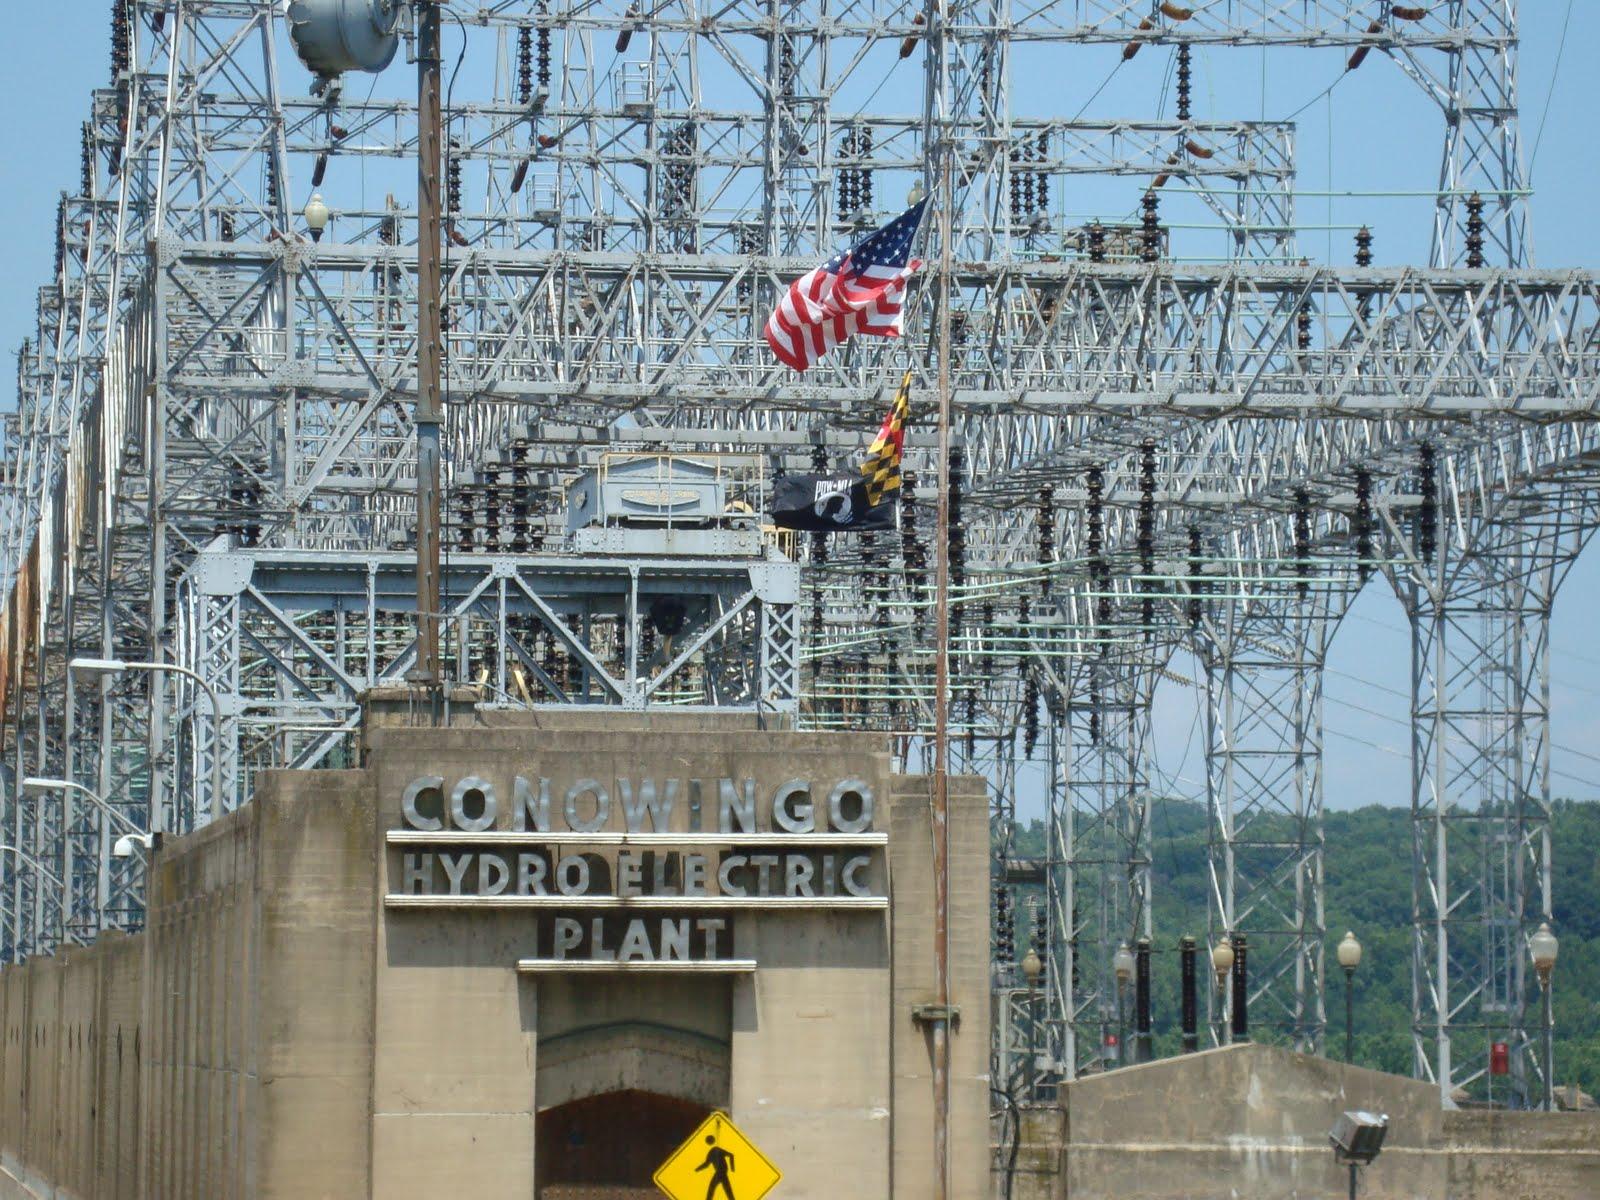 Conowingo Hydroelectric Plant Tour